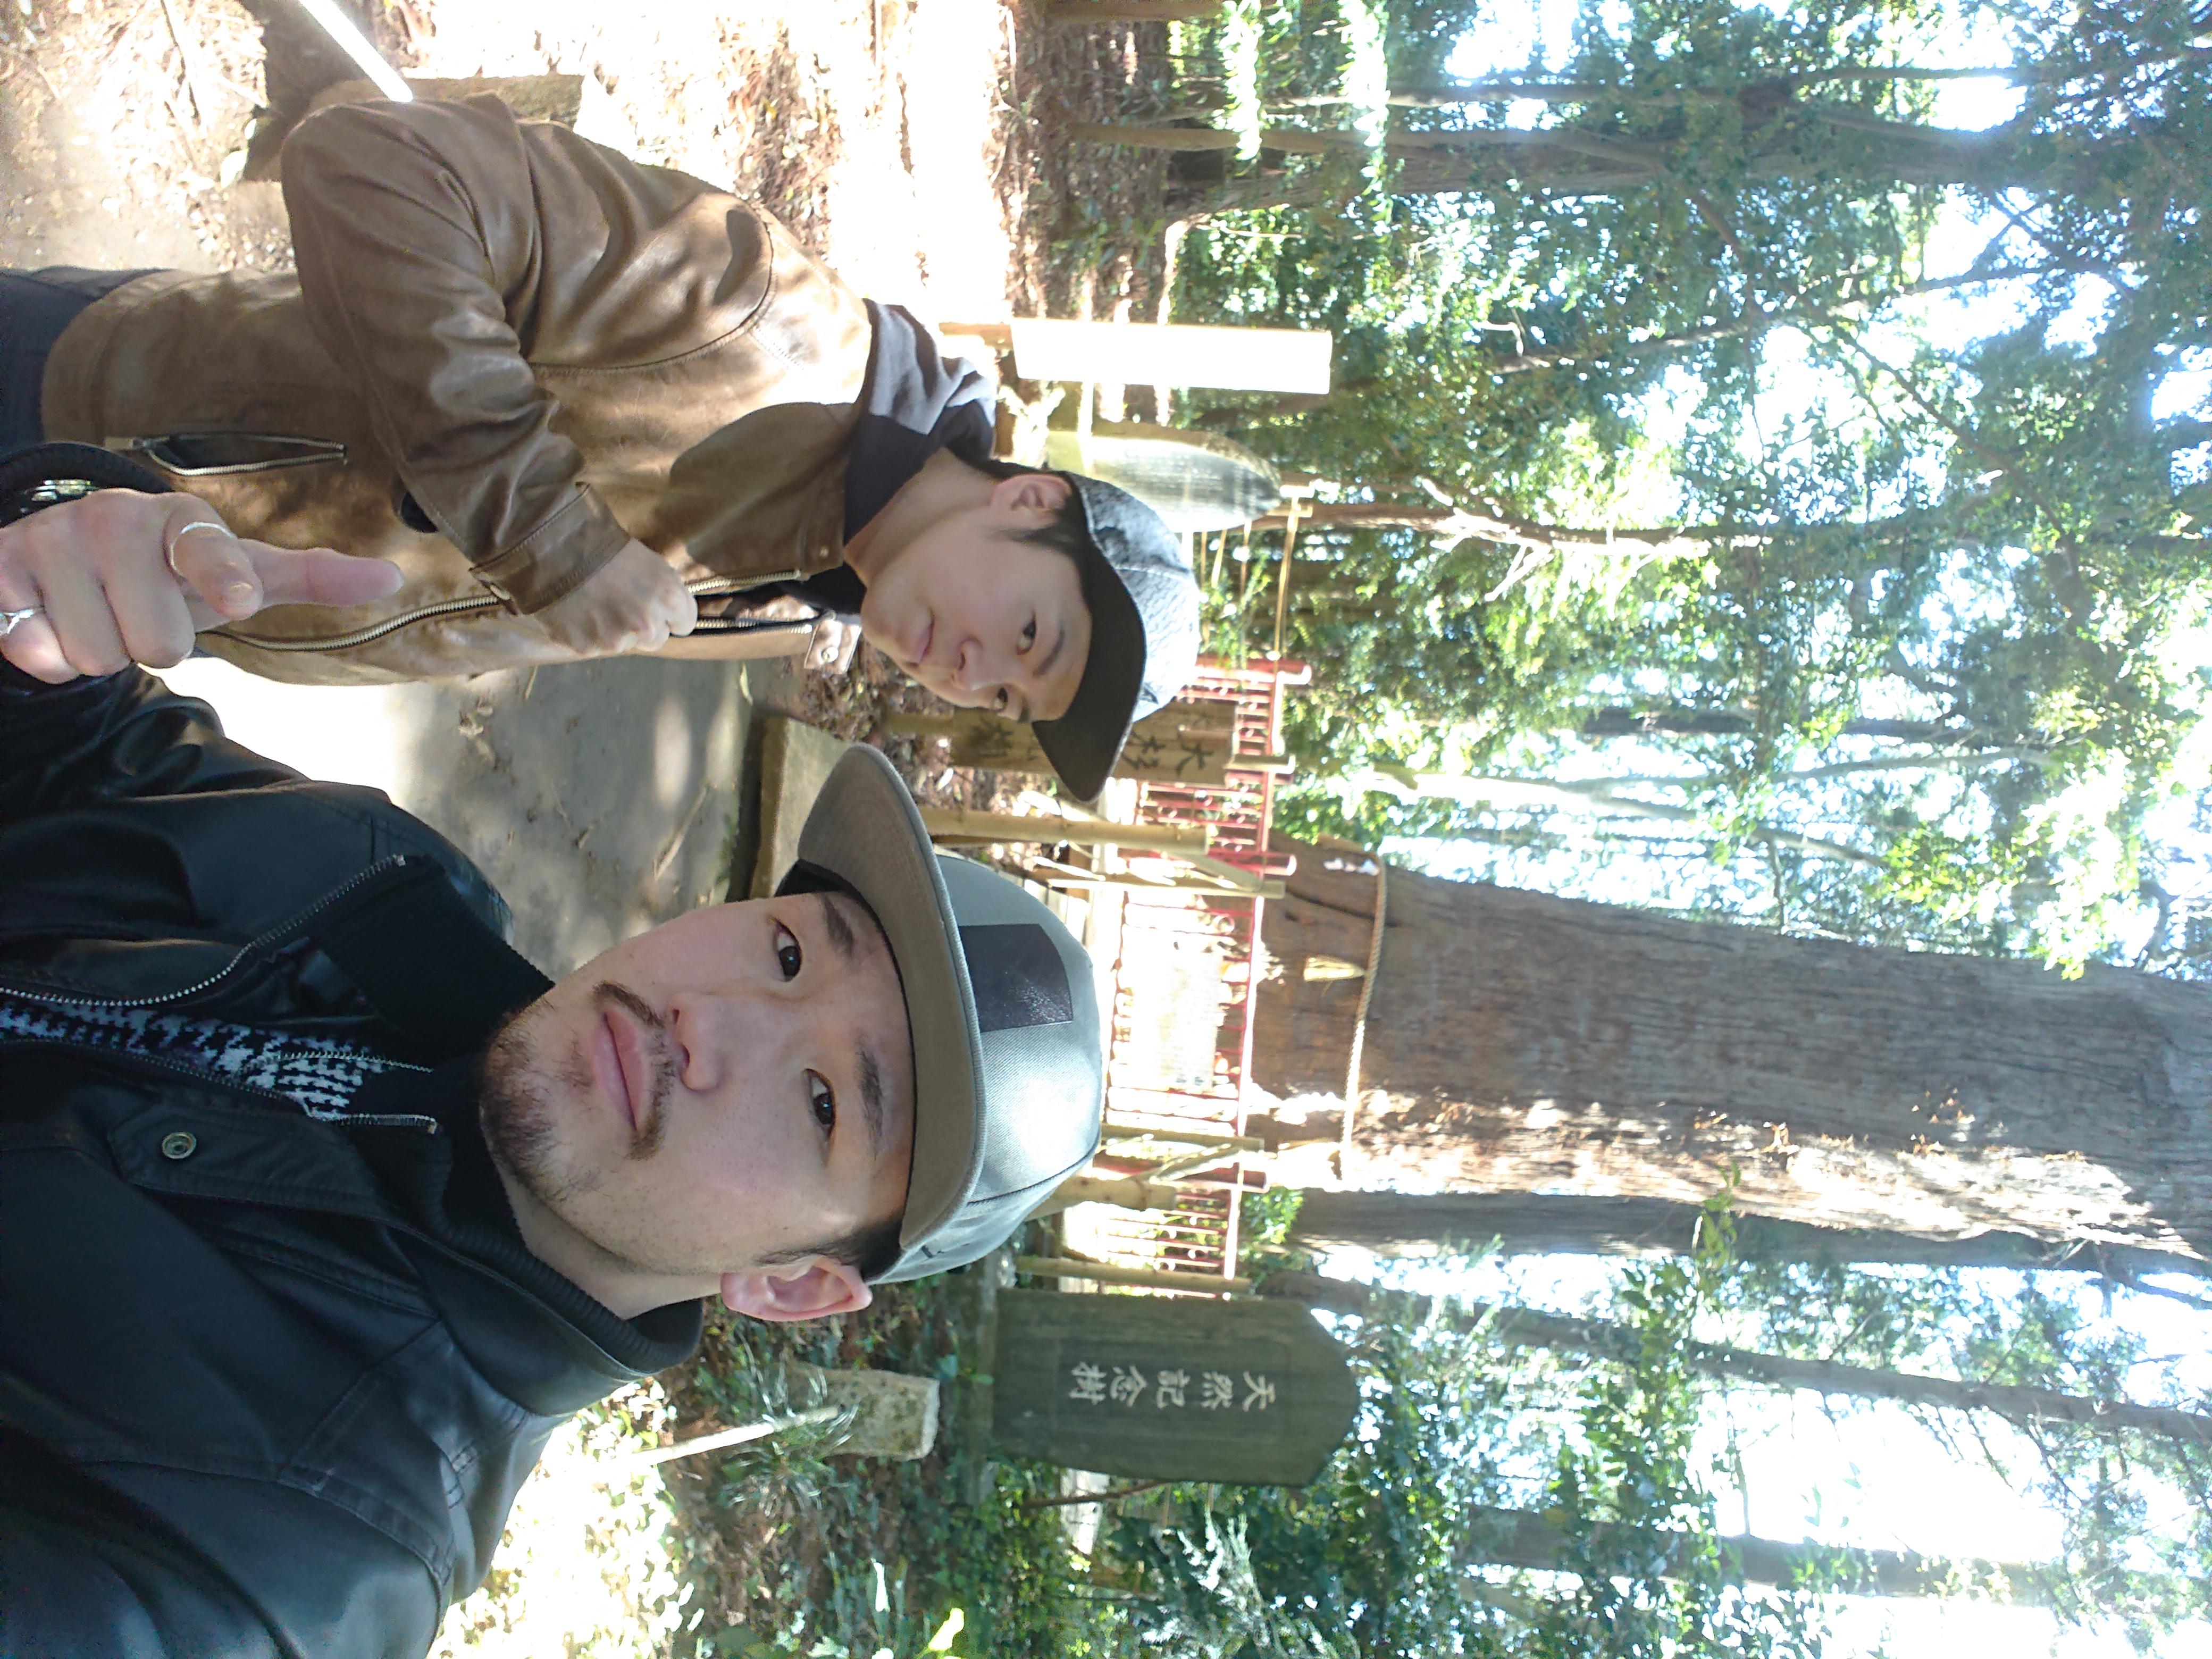 プロボクサー阿知和賢と相棒個人事業主MC広志️ 。二人合わせて「童子兄弟」です。